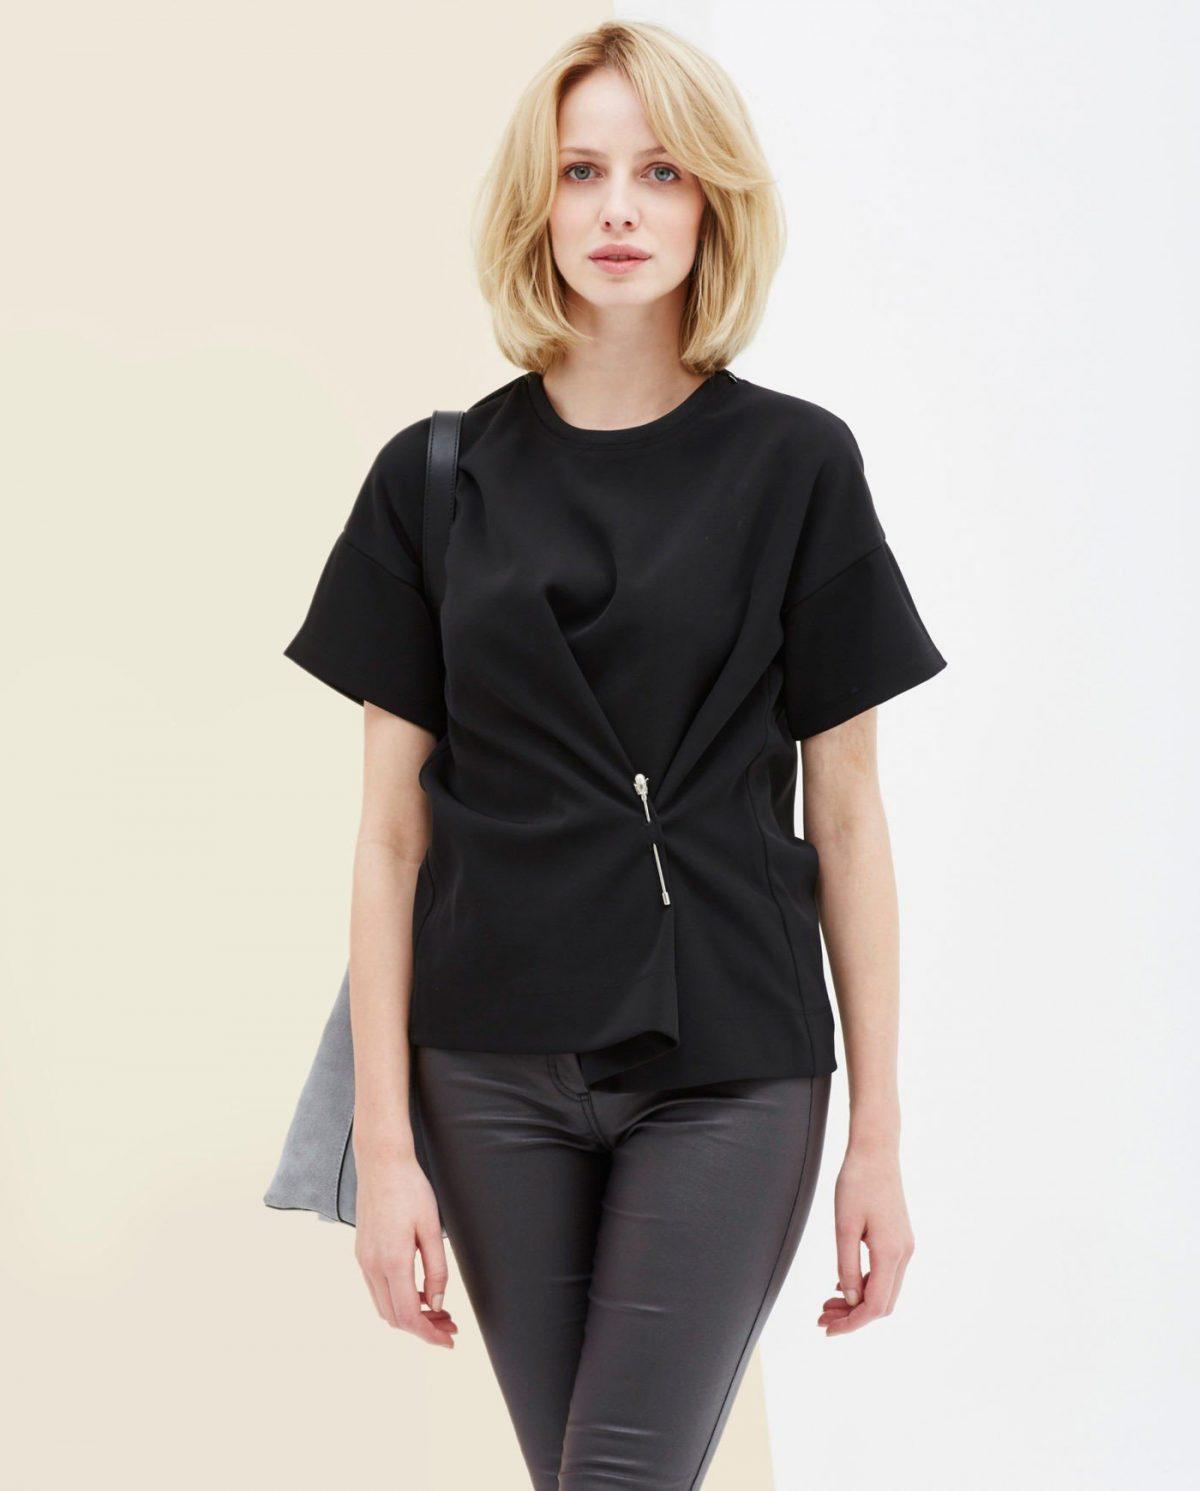 блузка с коротким рукавом черная оригинальная застежка